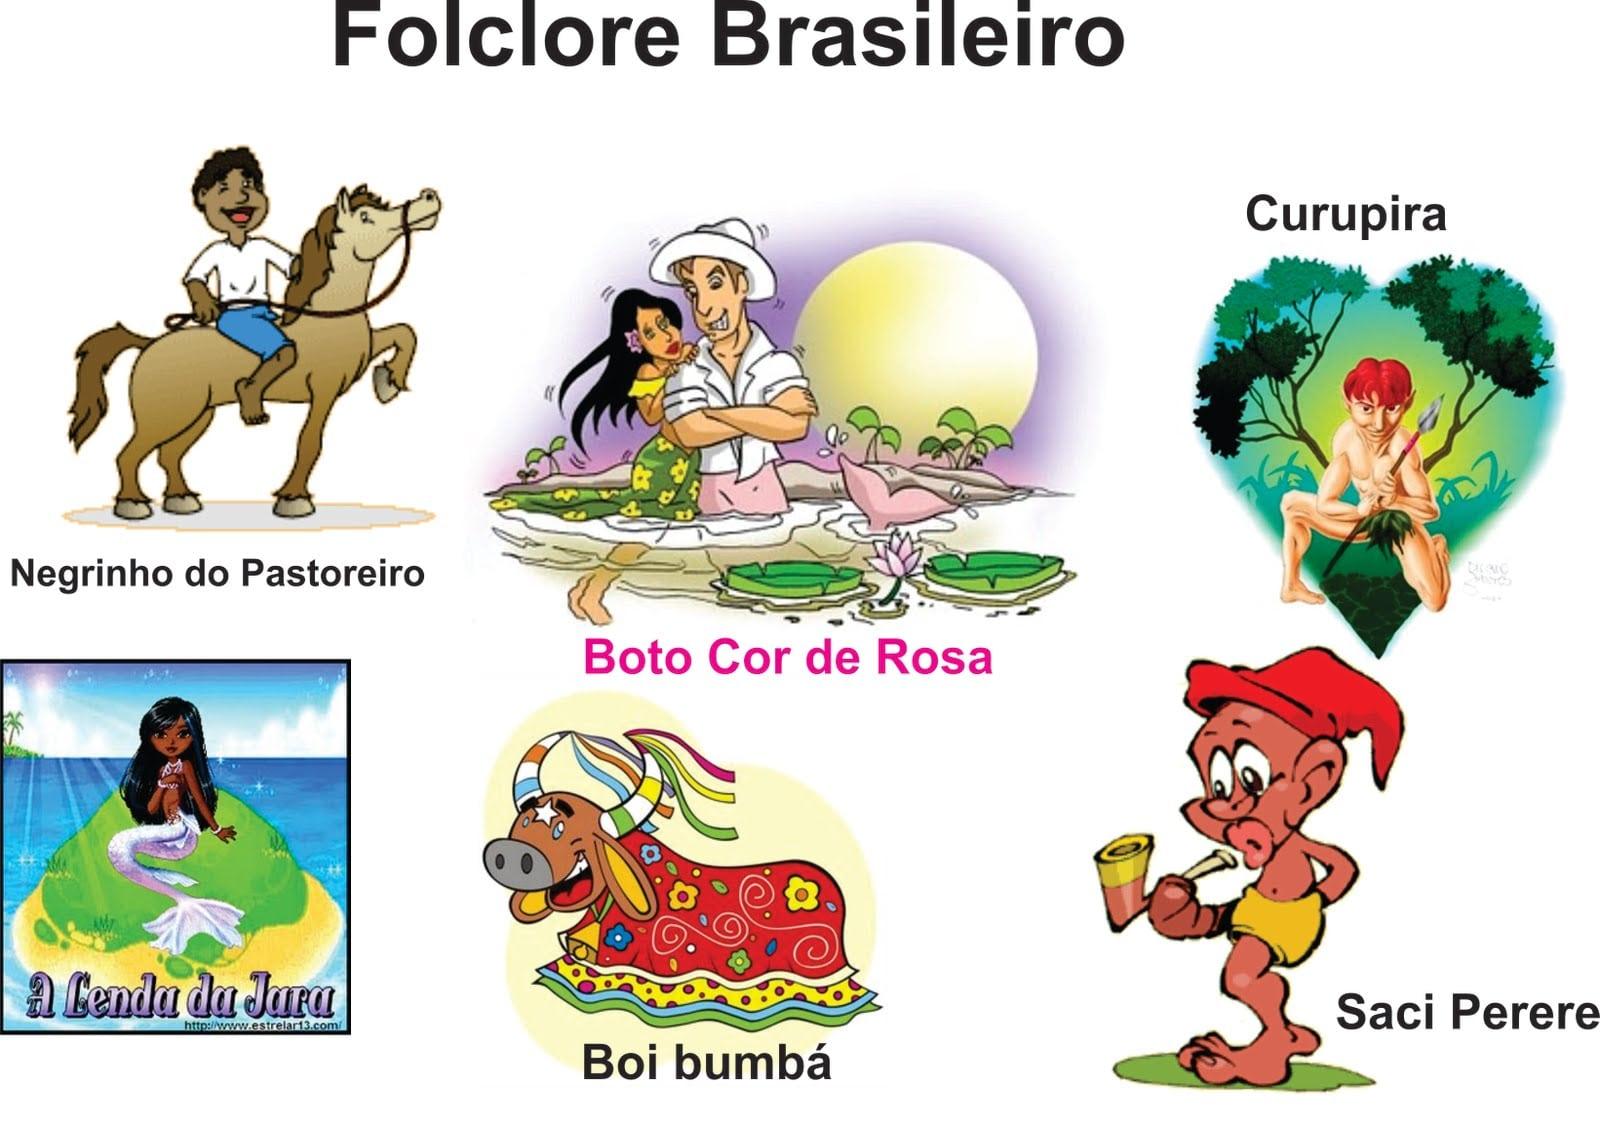 Folclore Lendas